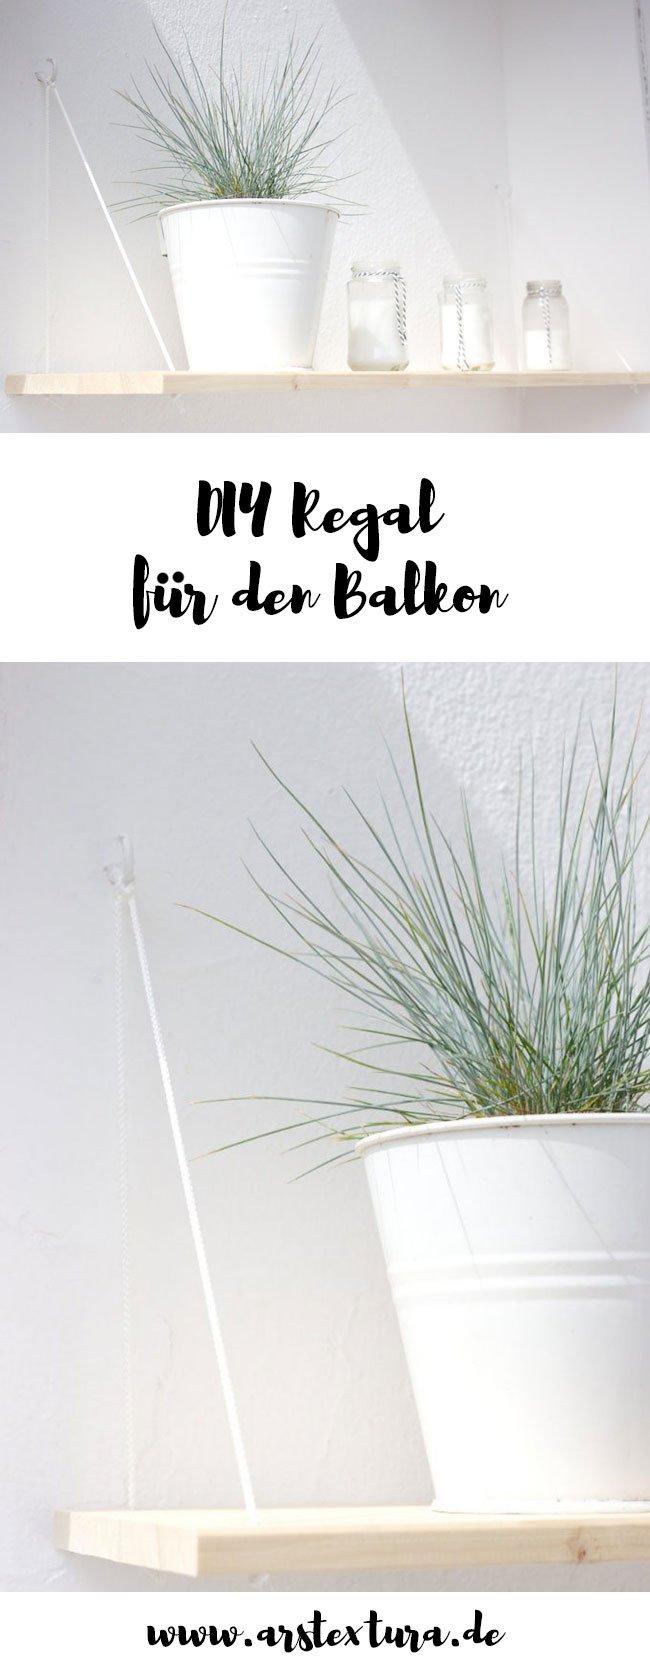 DIY Regal aus Holz für den Balkon - Hängeregal mit Anleitung